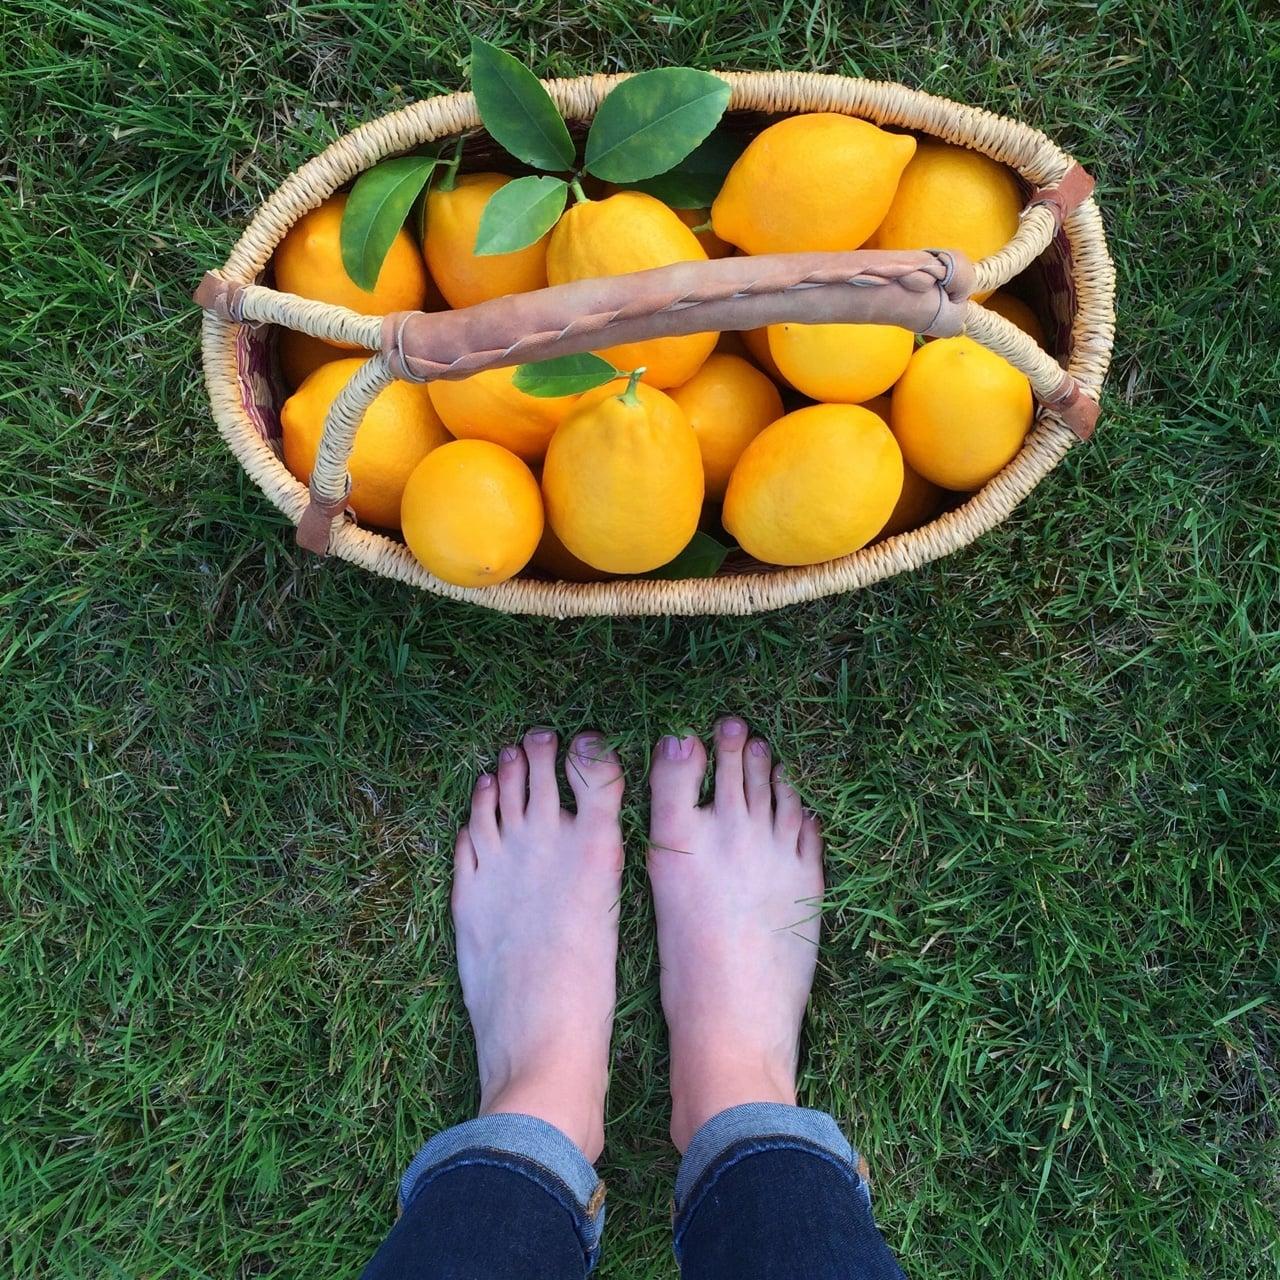 Lemon harvest